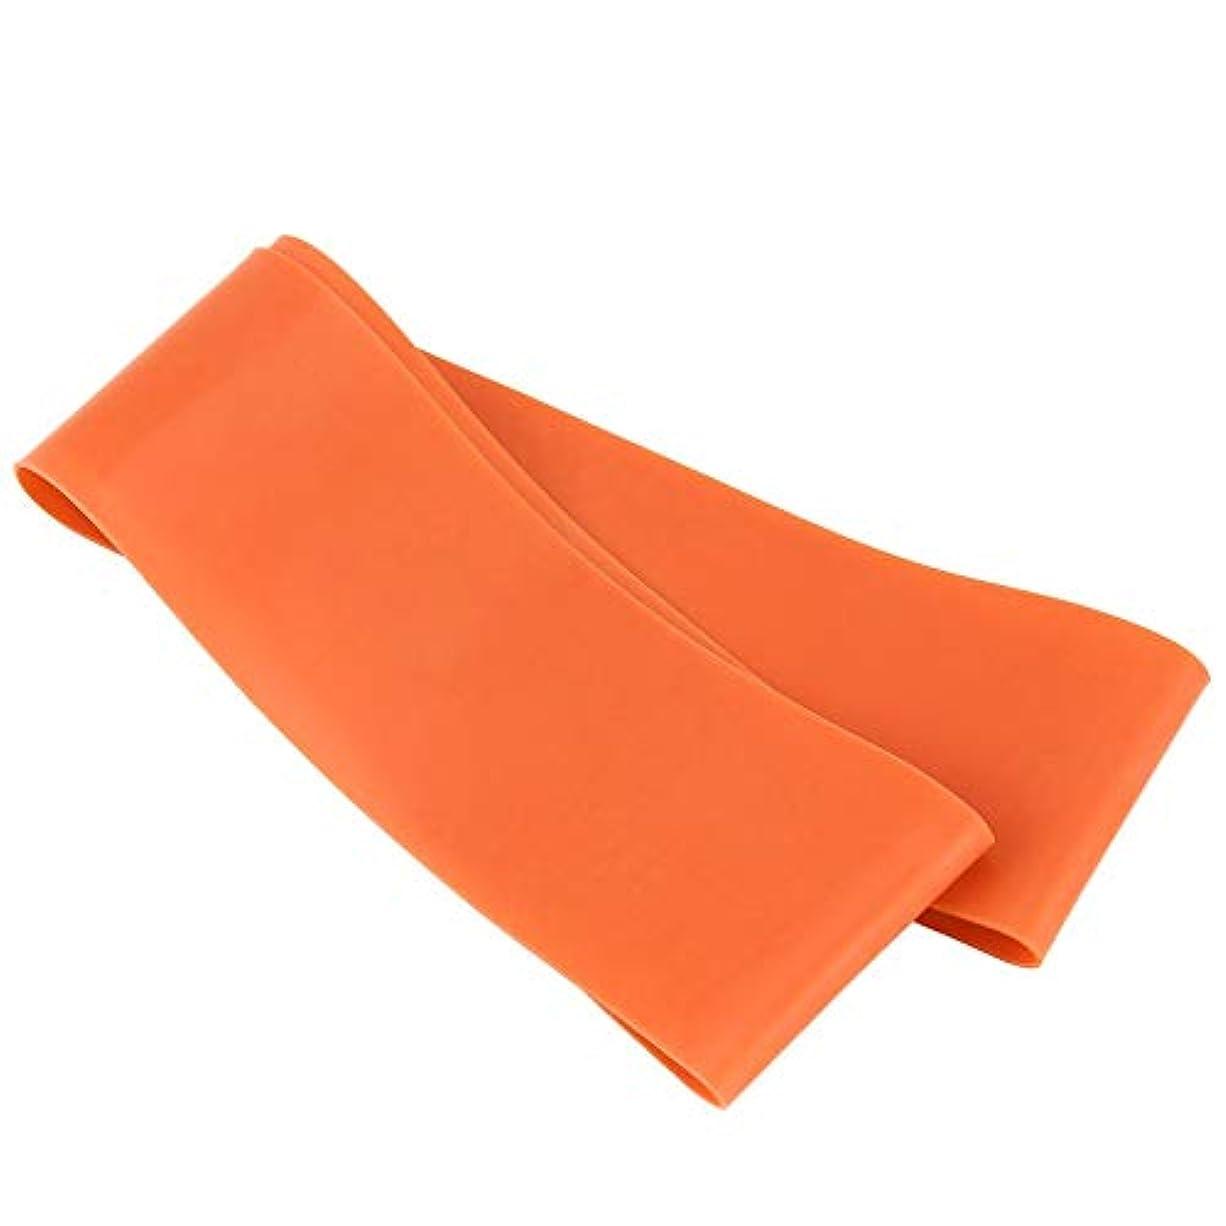 首反論割り込み滑り止めの伸縮性のあるゴム製伸縮性がある伸縮性があるヨガベルトバンド引きロープの張力抵抗バンドループ強度のためのフィットネスヨガツール - オレンジ